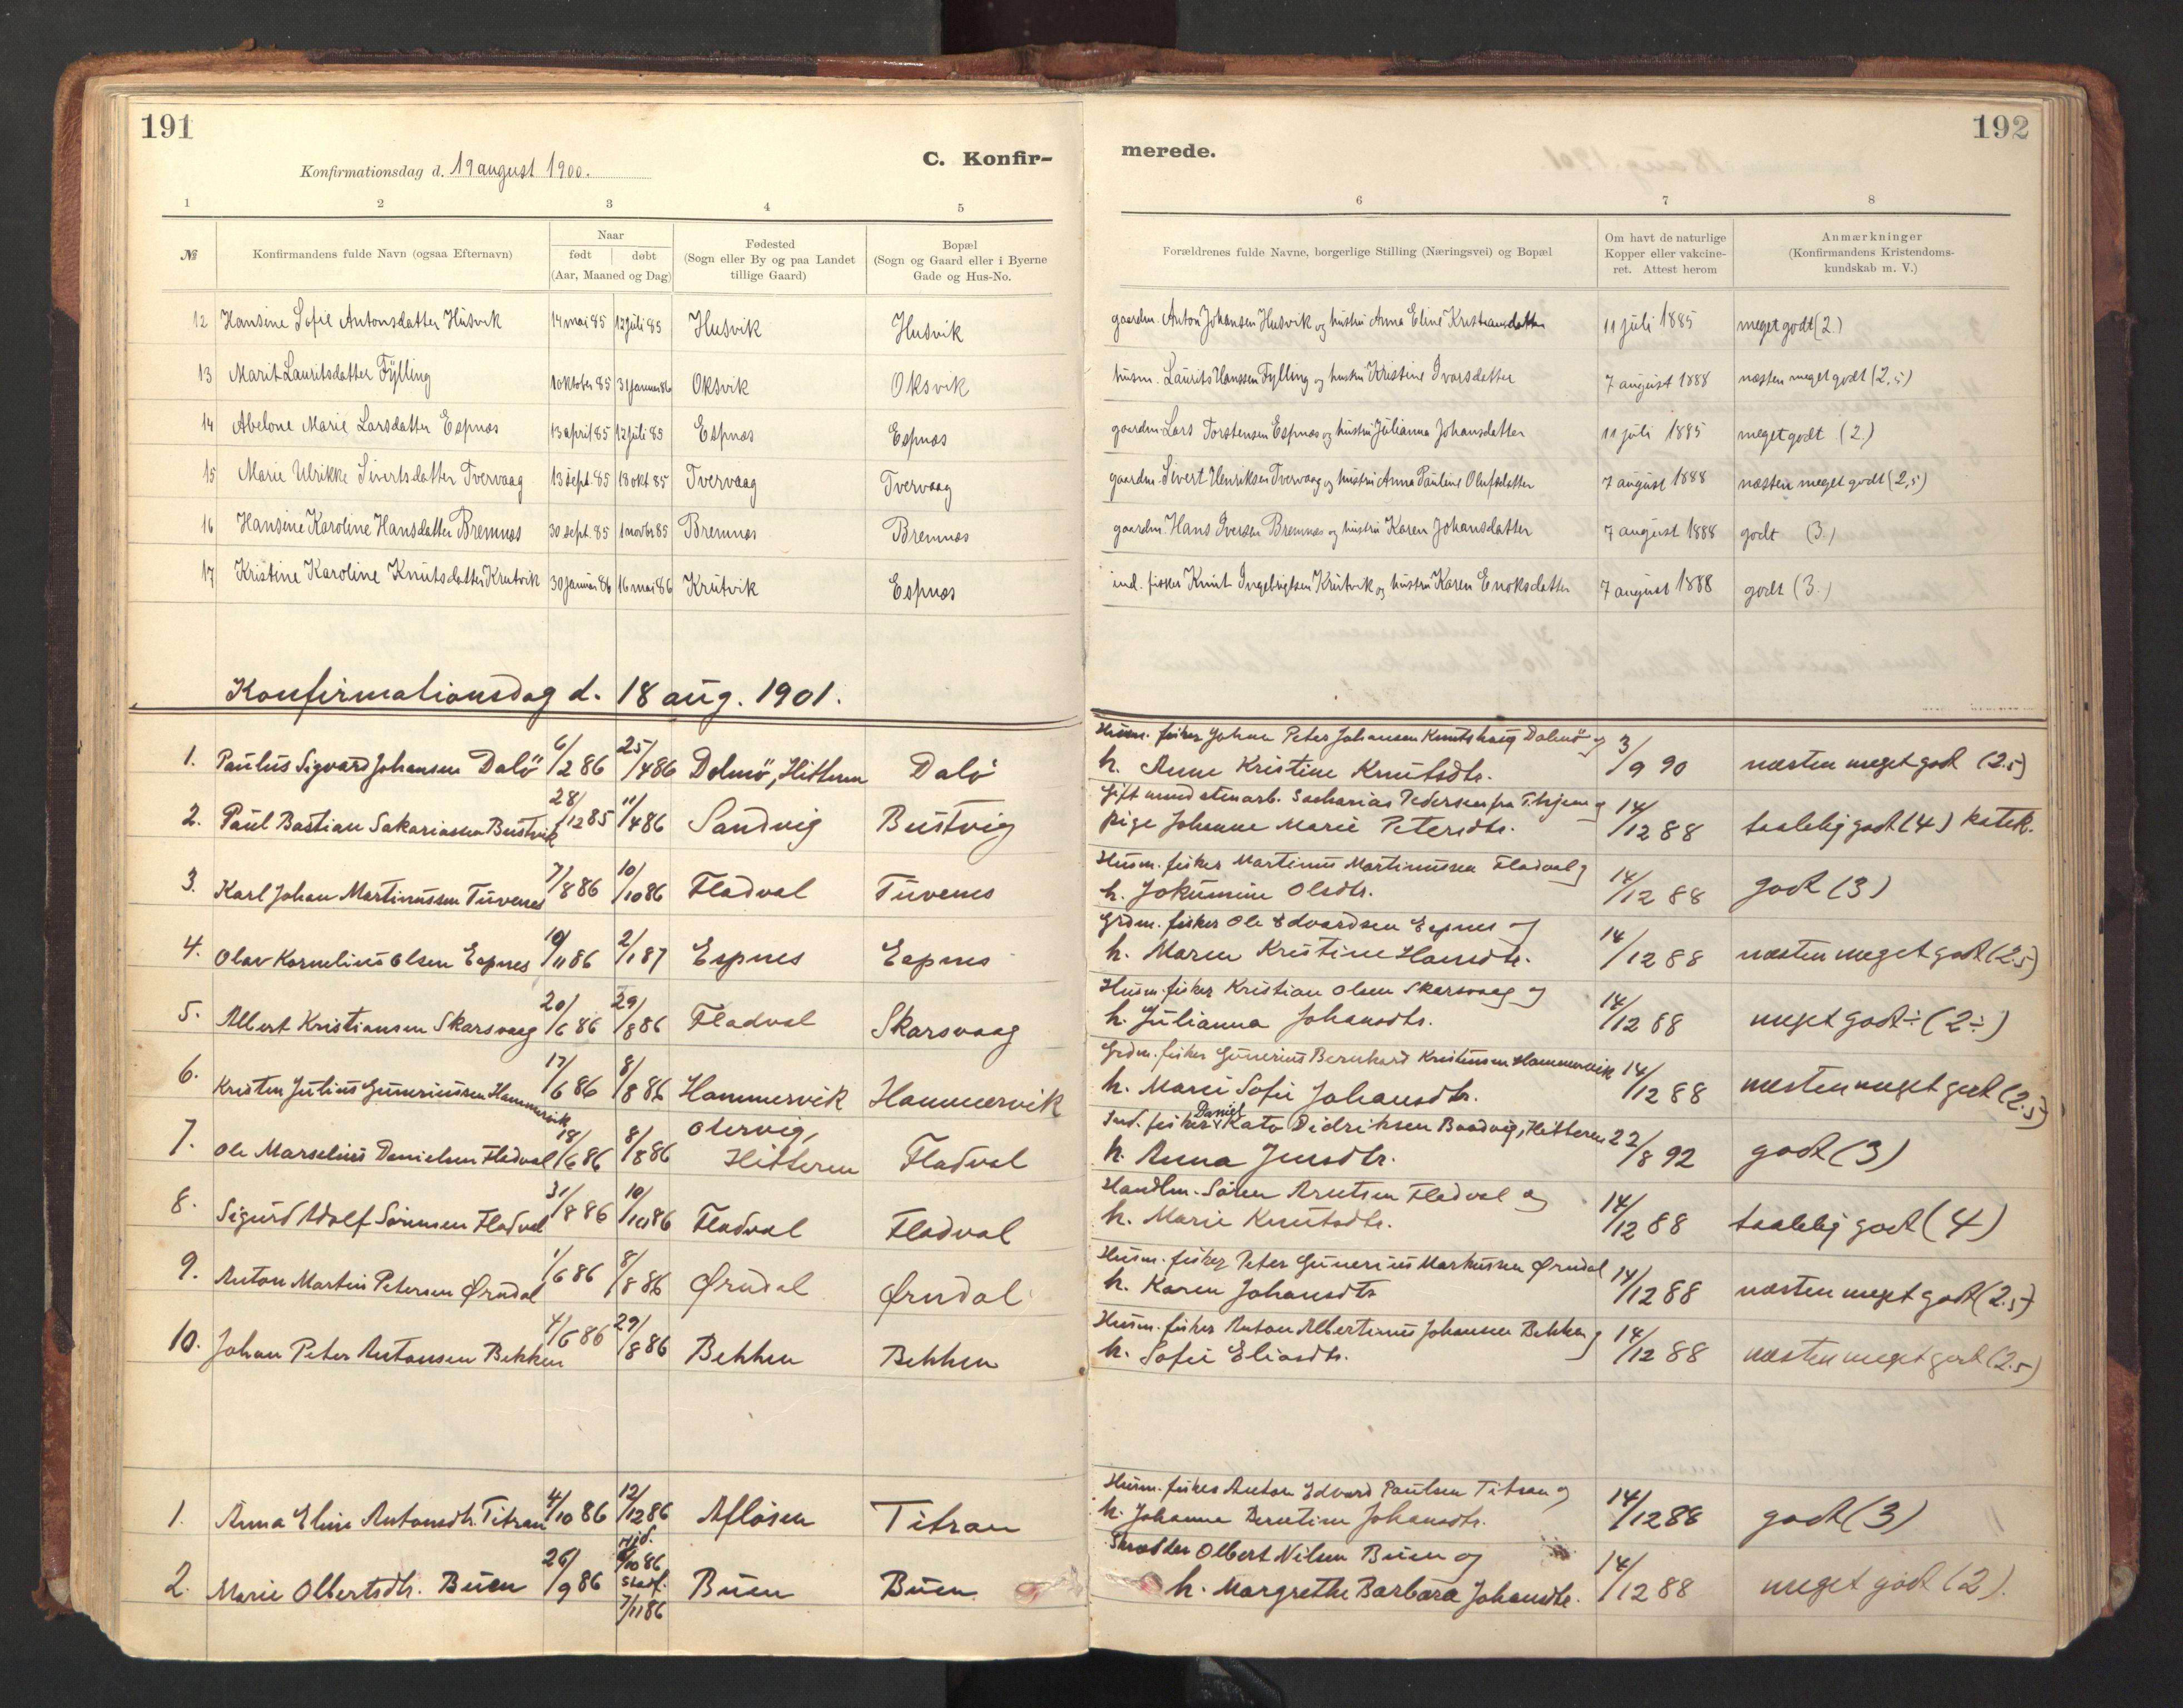 SAT, Ministerialprotokoller, klokkerbøker og fødselsregistre - Sør-Trøndelag, 641/L0596: Ministerialbok nr. 641A02, 1898-1915, s. 191-192